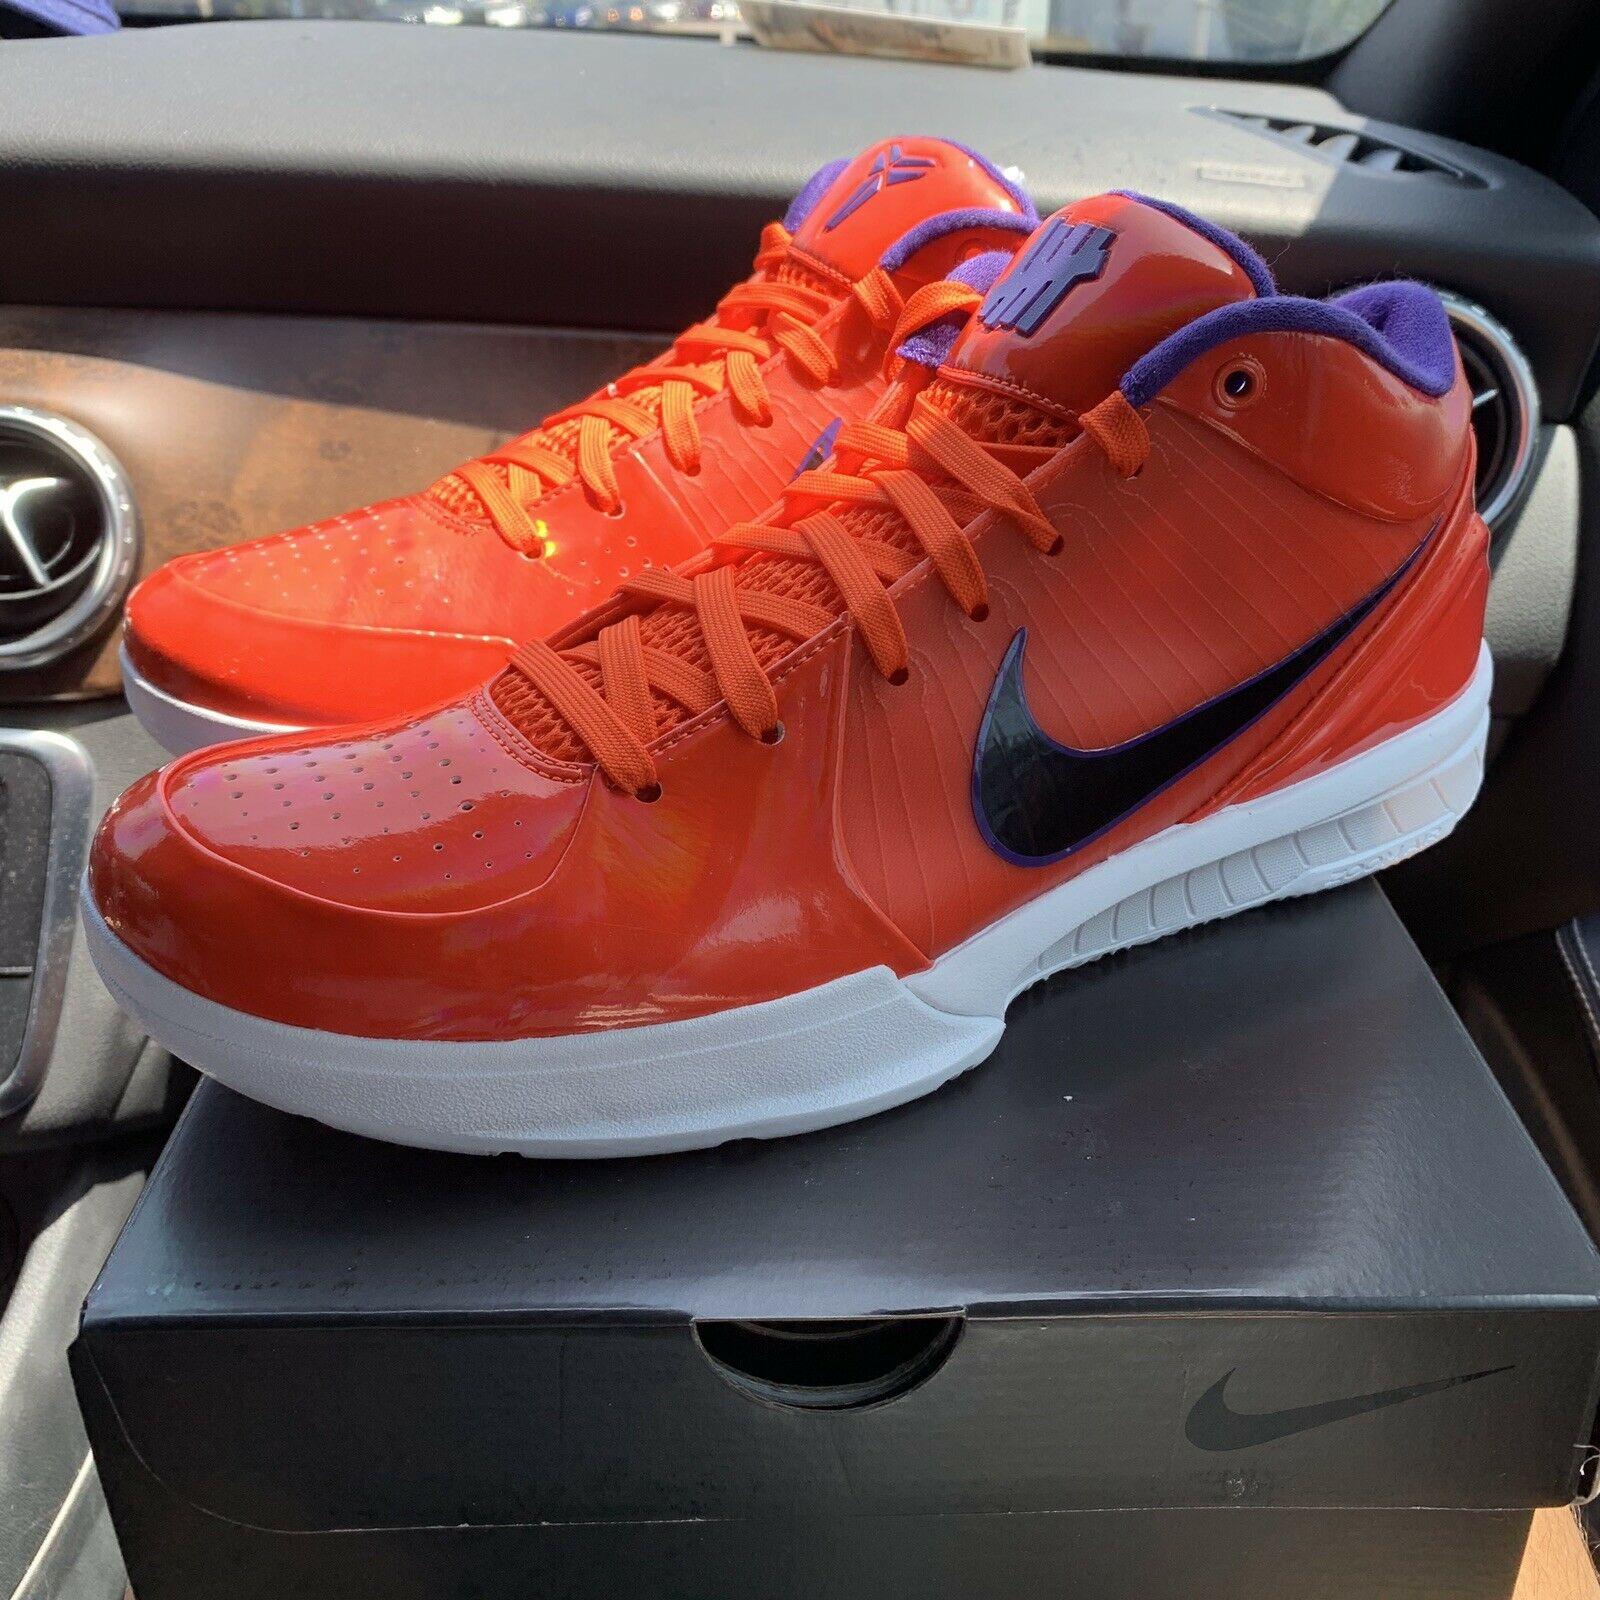 Nike Kobe 4 Protro Undefeated Phoenix Suns